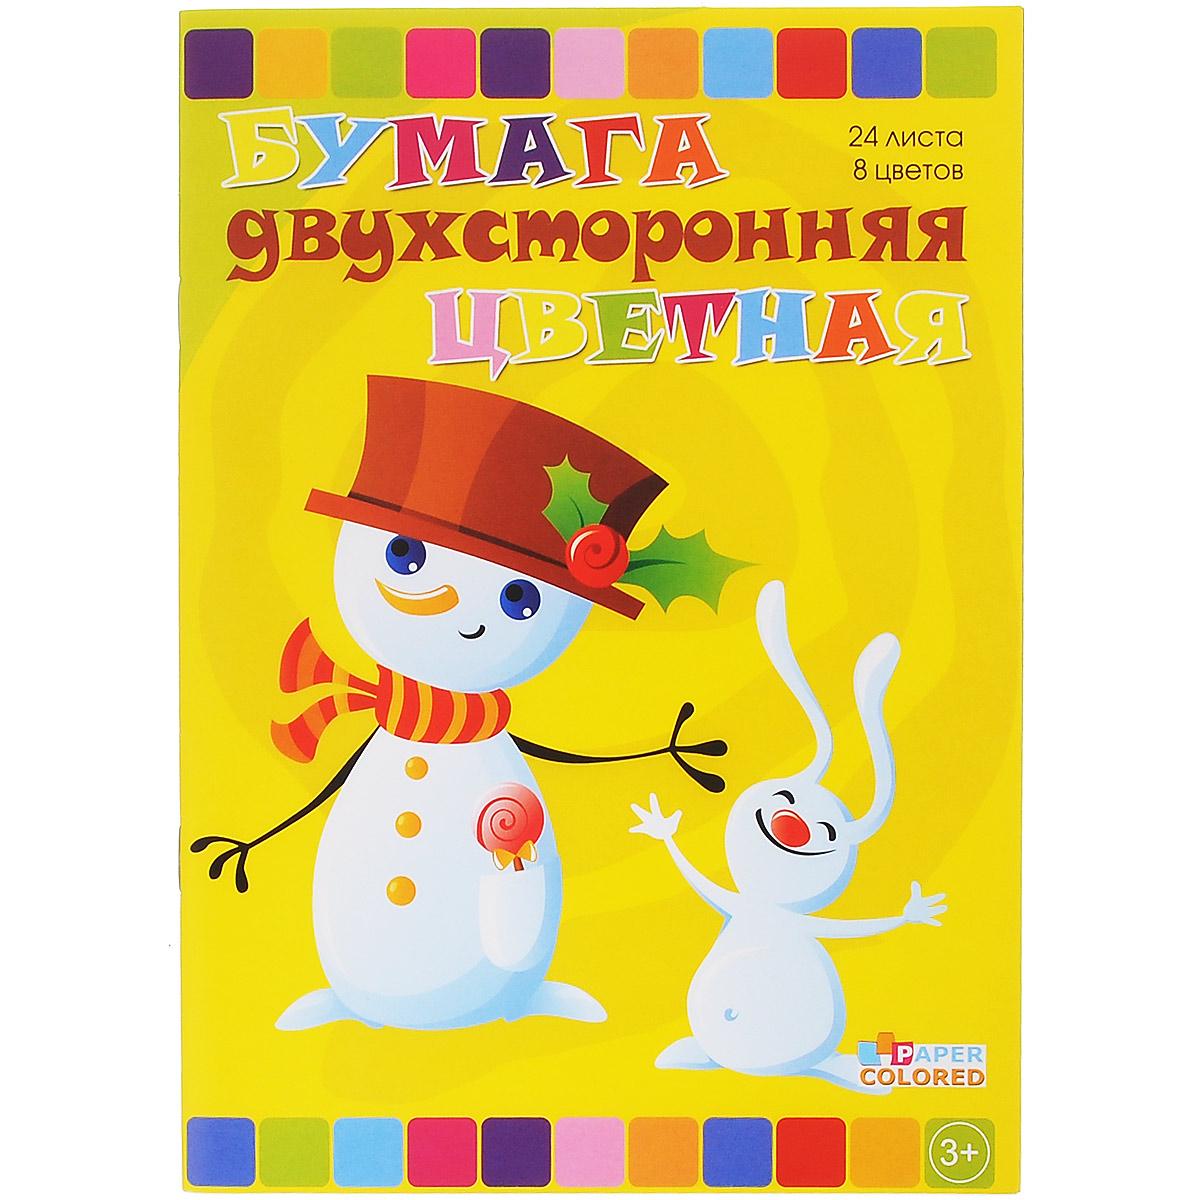 Цветная бумага Бриз, двухсторонняя, мелованная, 8 цветов. 1123-5061123-506Набор цветной бумаги Бриз идеально подойдет для творческих занятий в детском саду, школе и дома. В комплект входят 24 двухсторонних листа мелованной бумаги голубого, зеленого, малинового, коричневого, оранжевого, розового, красного и черного цветов. Бумага поставляется в виде альбома. Мелованная бумага имеет преимущество над обыкновенной, ее цвета значительно ярче. Широта возможностей применения приятно удивит самого взыскательного маленького творца. Рекомендуемый возраст от 3 лет.